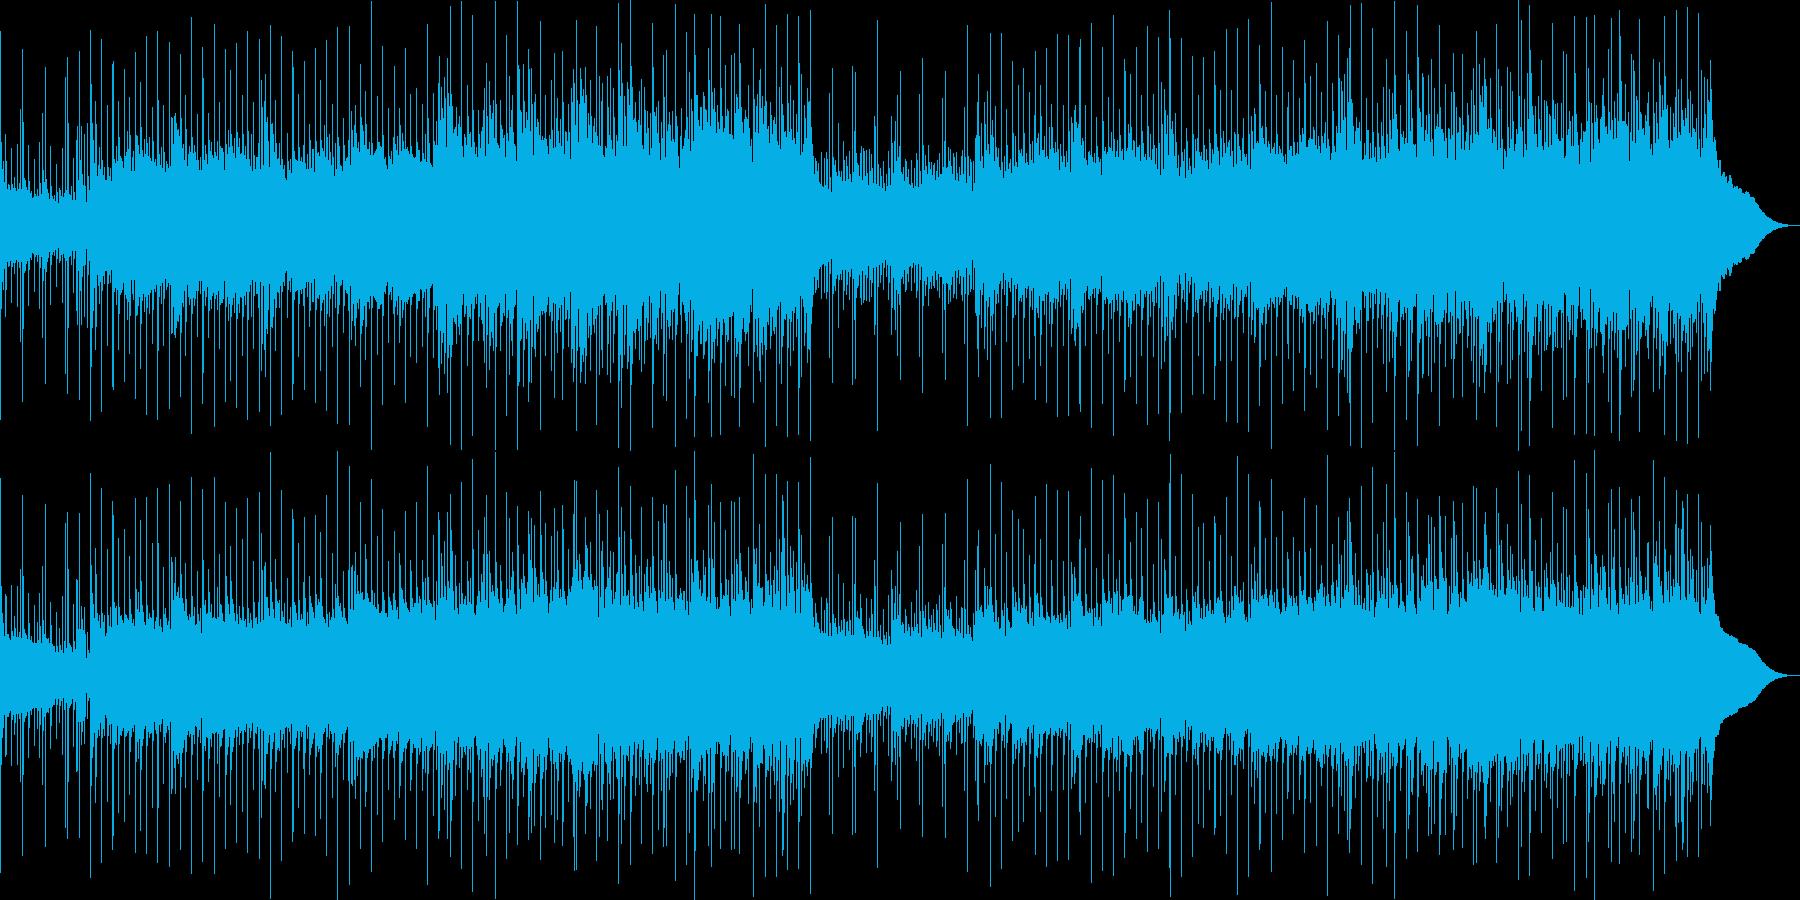 明るく爽やかなオーケストラポップ-09の再生済みの波形